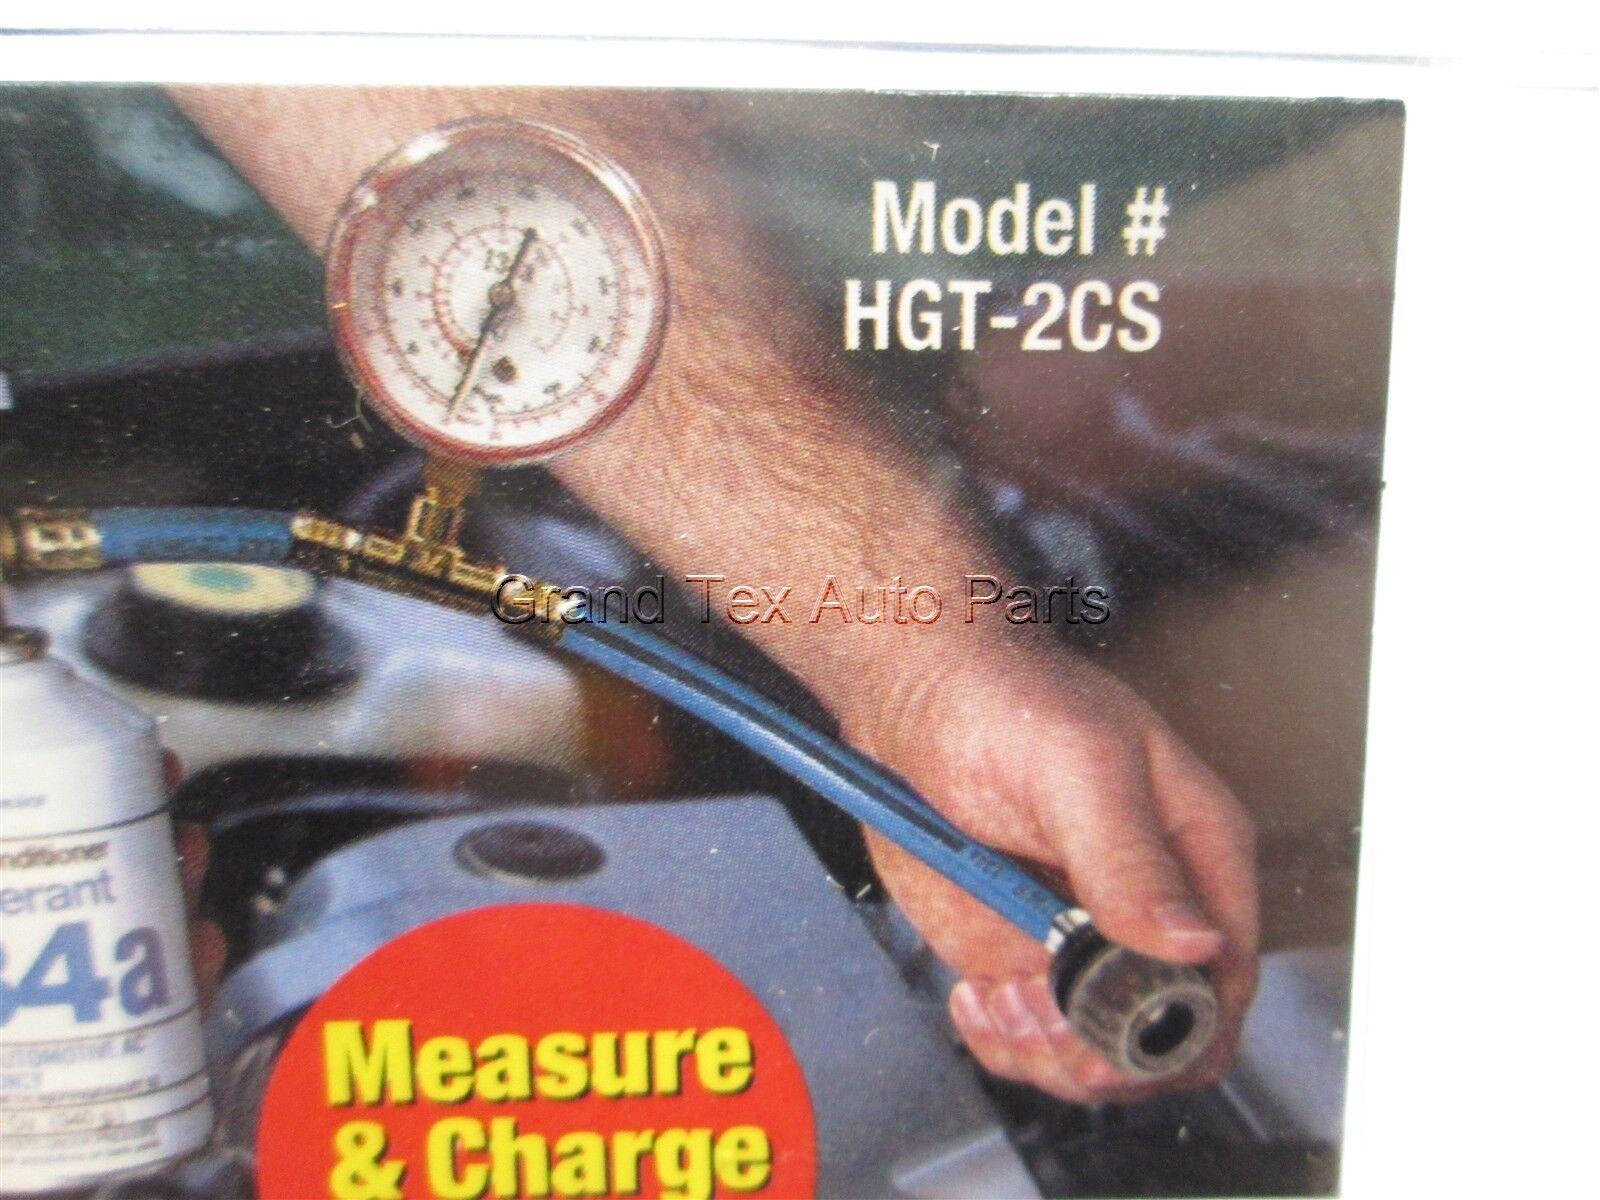 Interdynamics R-134a Recharge /& Measuring Kit